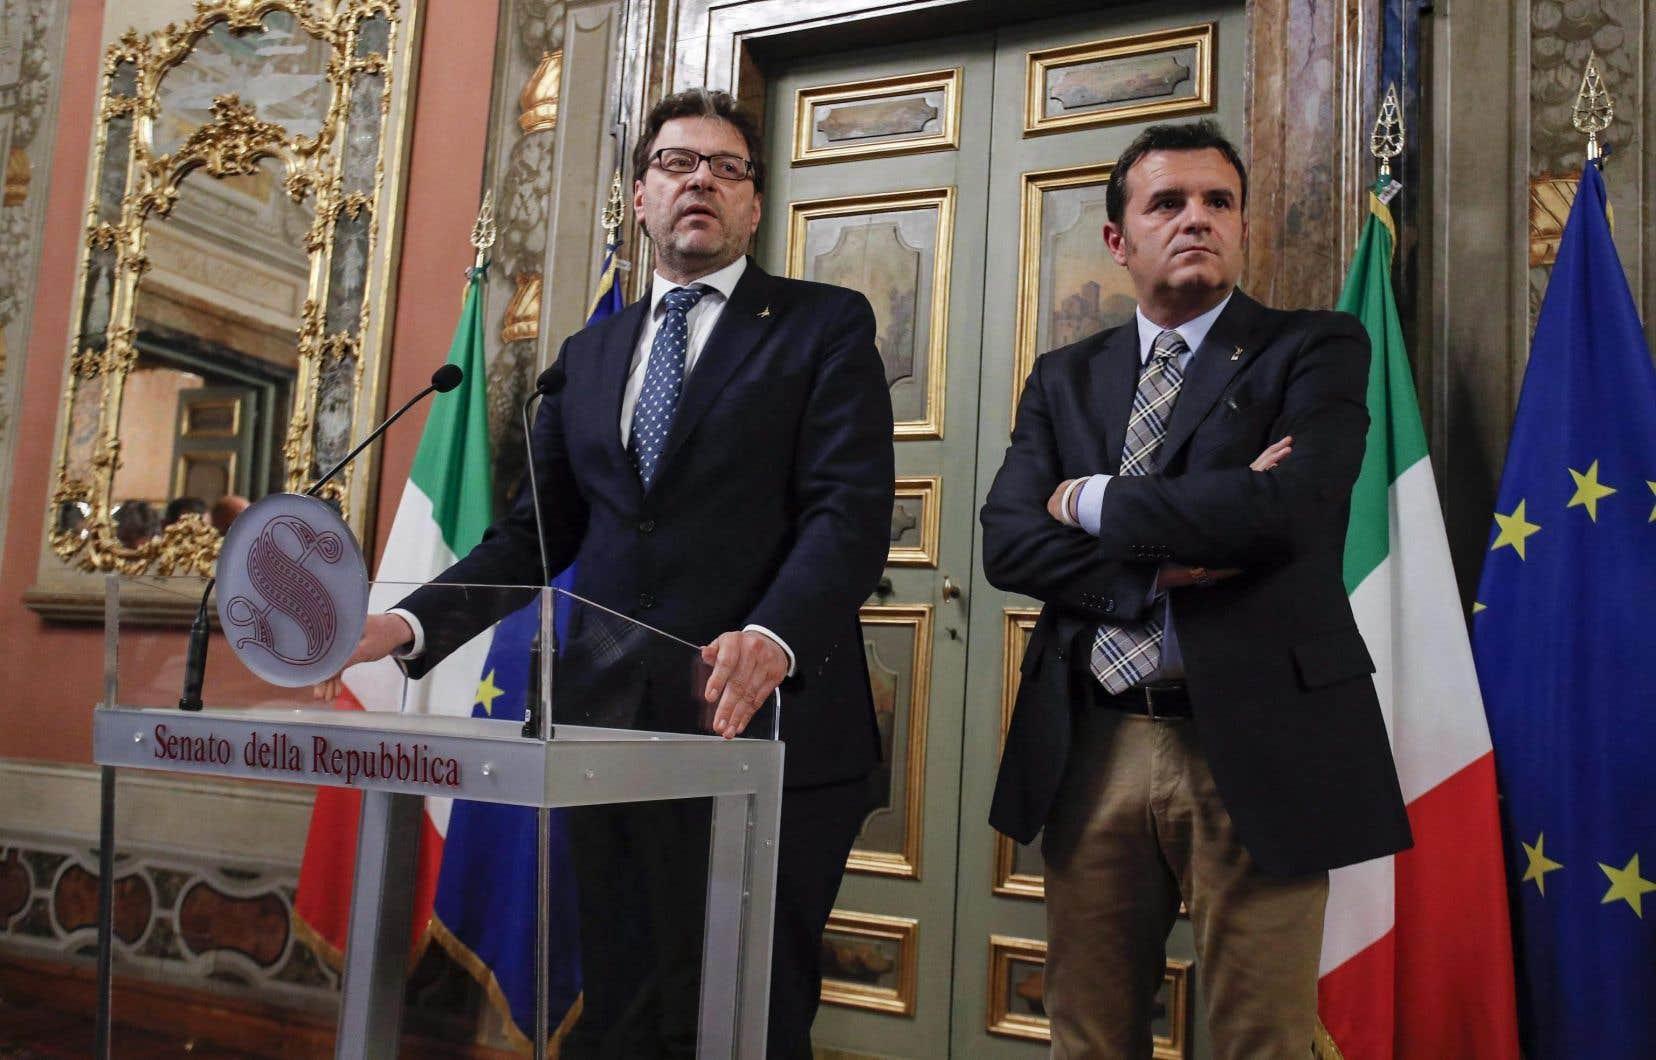 Le ministre italien de l'Agriculture, Gian Marco Centinaio (à gauche), avait annoncé le 14juin que la majorité parlementaire ne ratifierait pas l'accord de libre-échange avec le Canada.